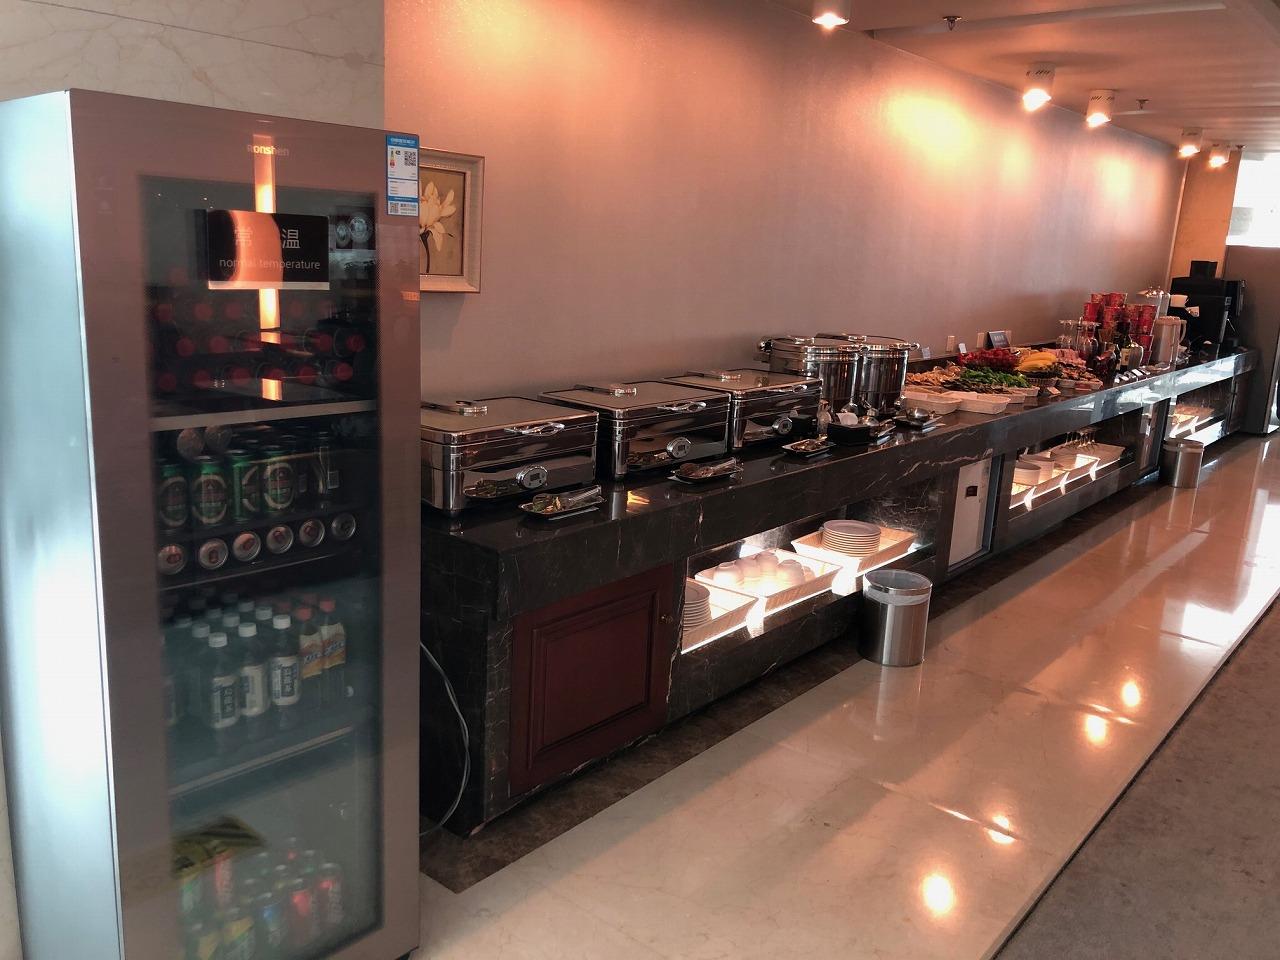 大連空港国際線ターミナル VIPラウンジ内の飲食